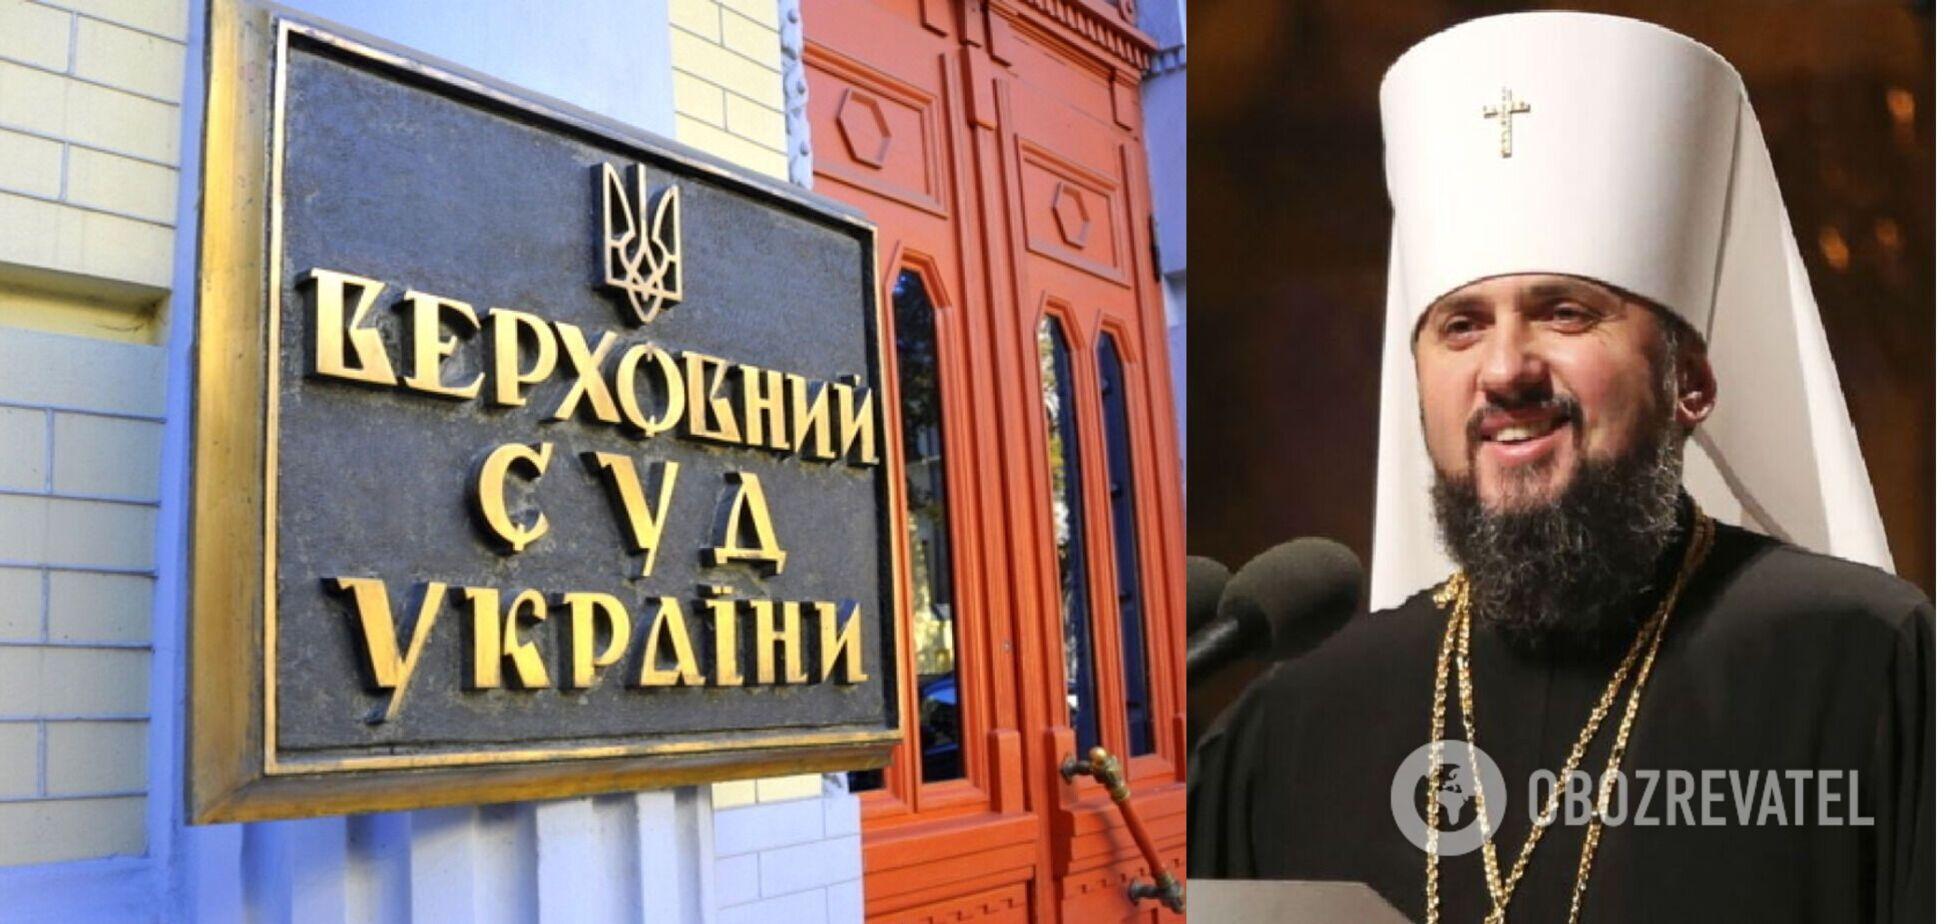 ПЦУ виграла судовий спір у УПЦ МП